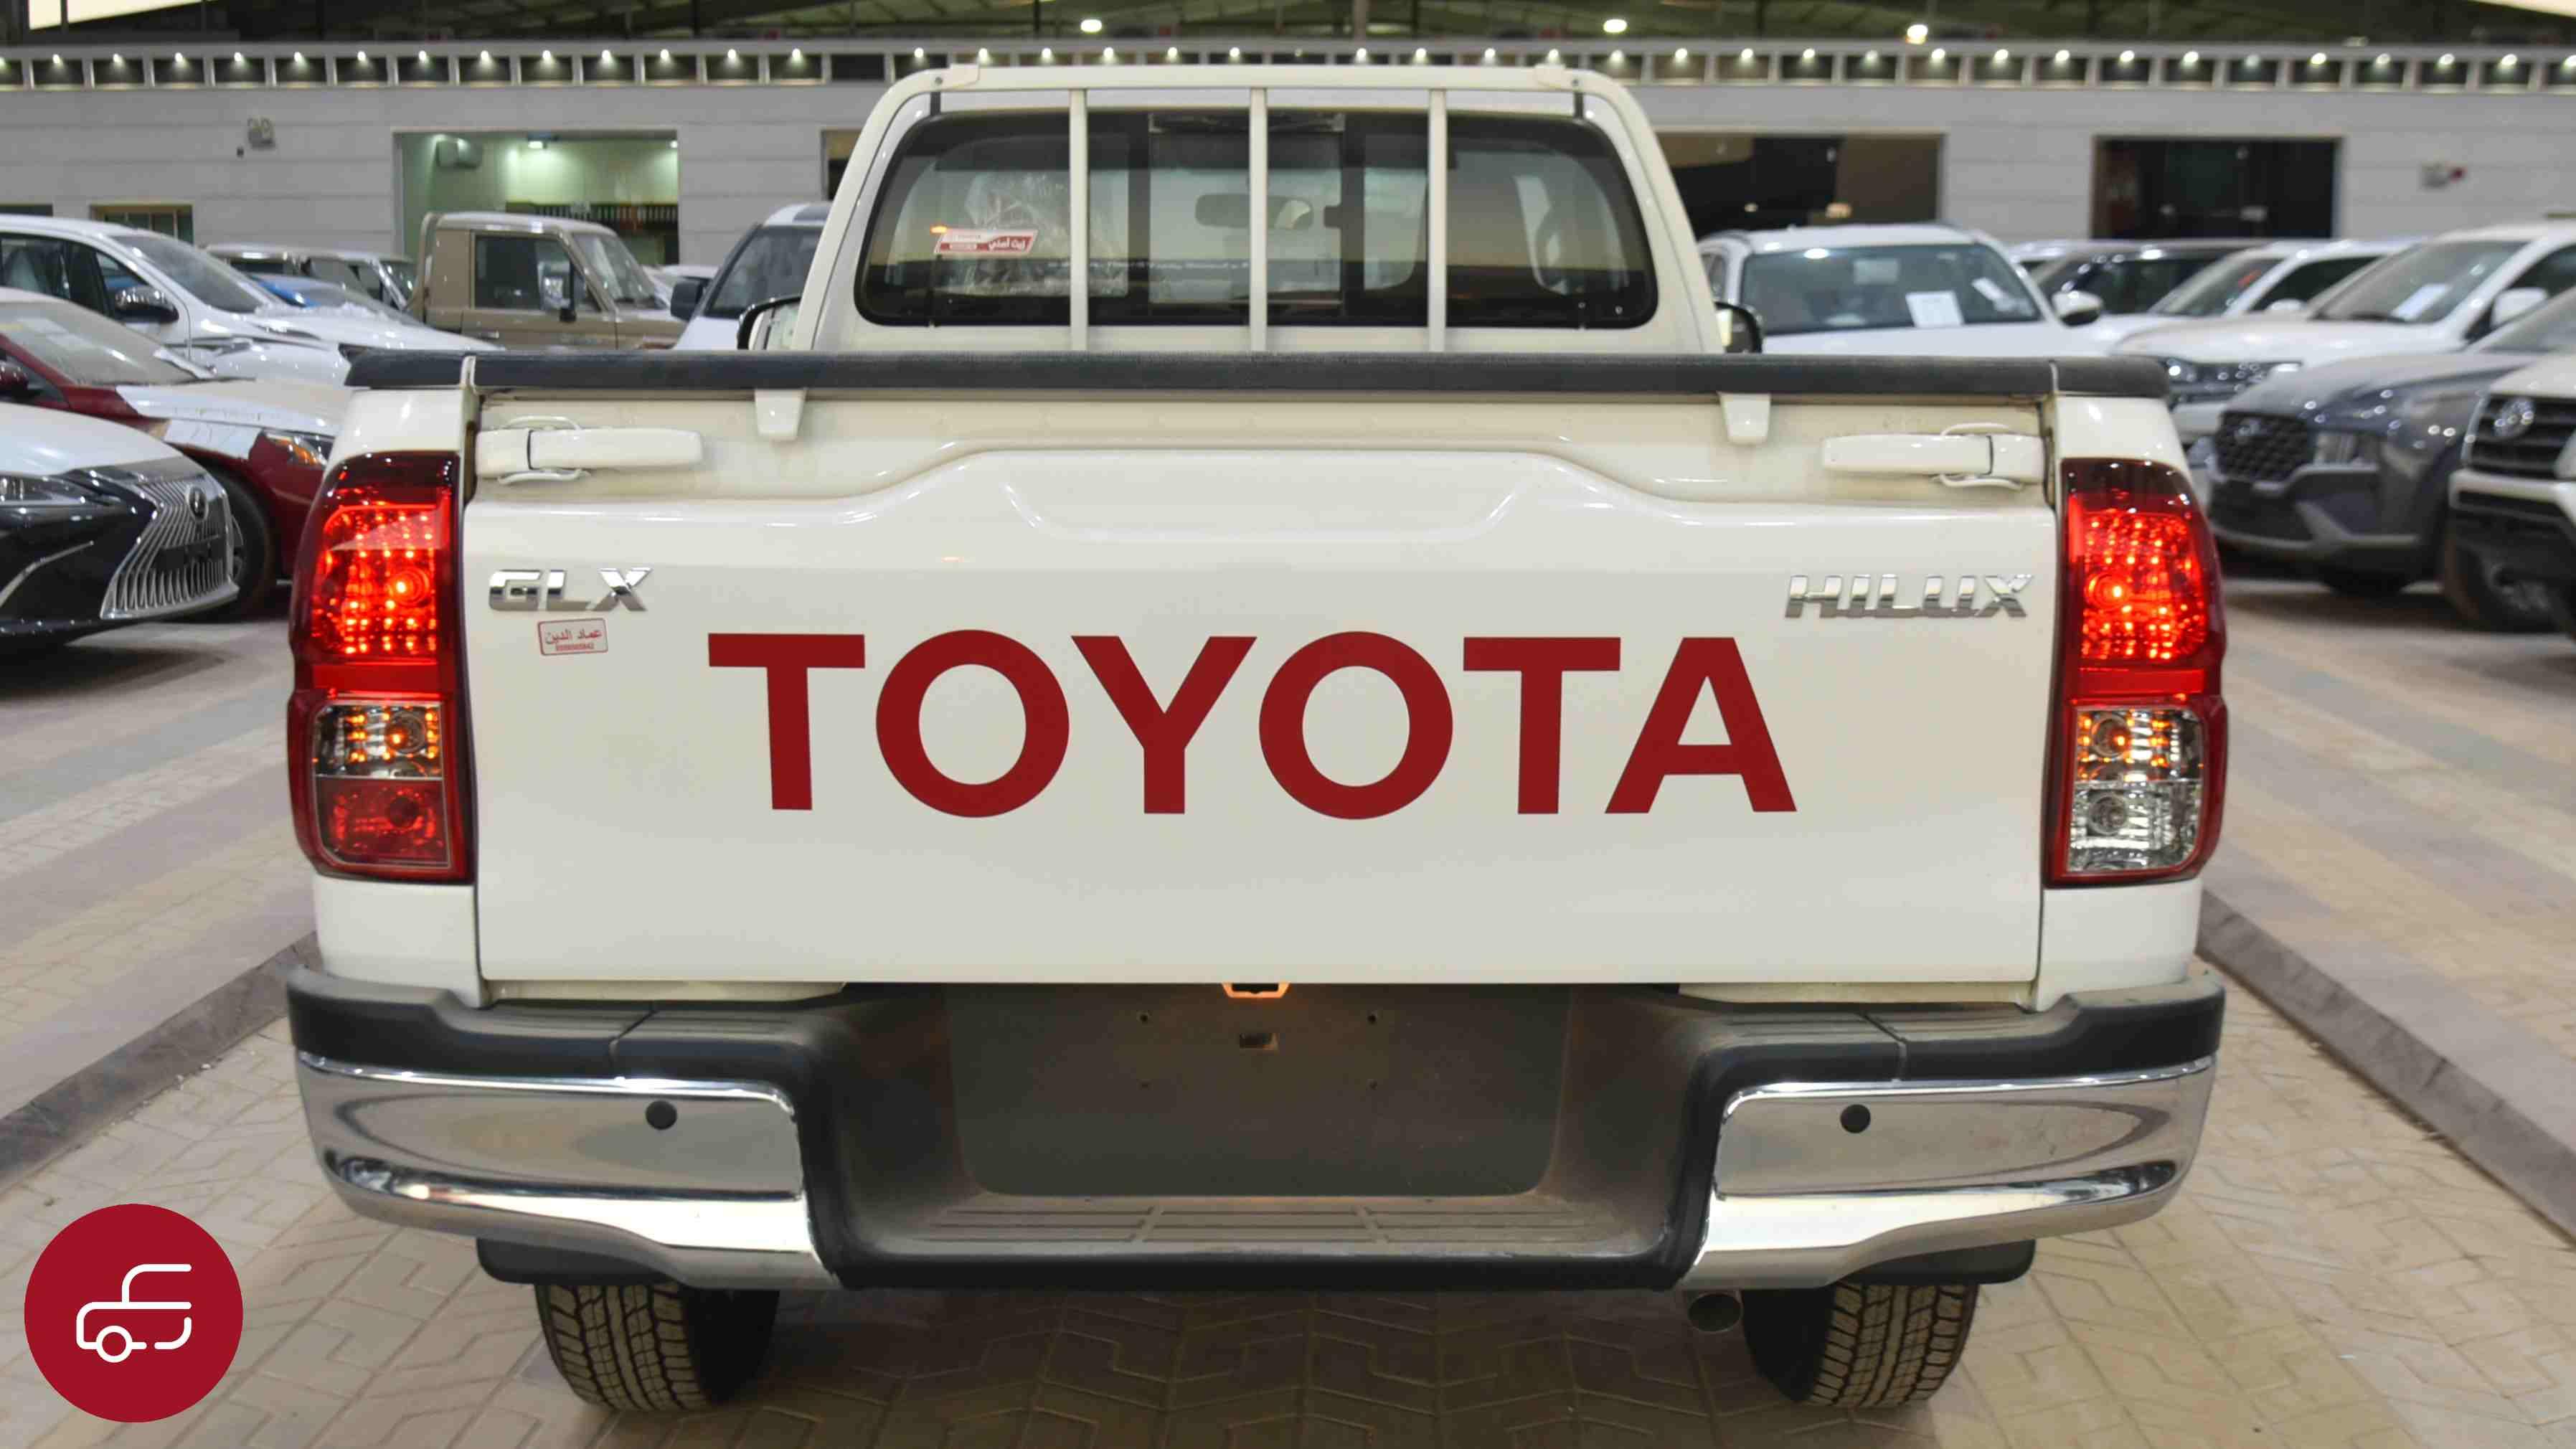 تويوتا هايلكس  2021  غمارة   GLX دبل  بنزين سعودي جديد للبيع في الرياض - السعودية - صورة كبيرة - 5